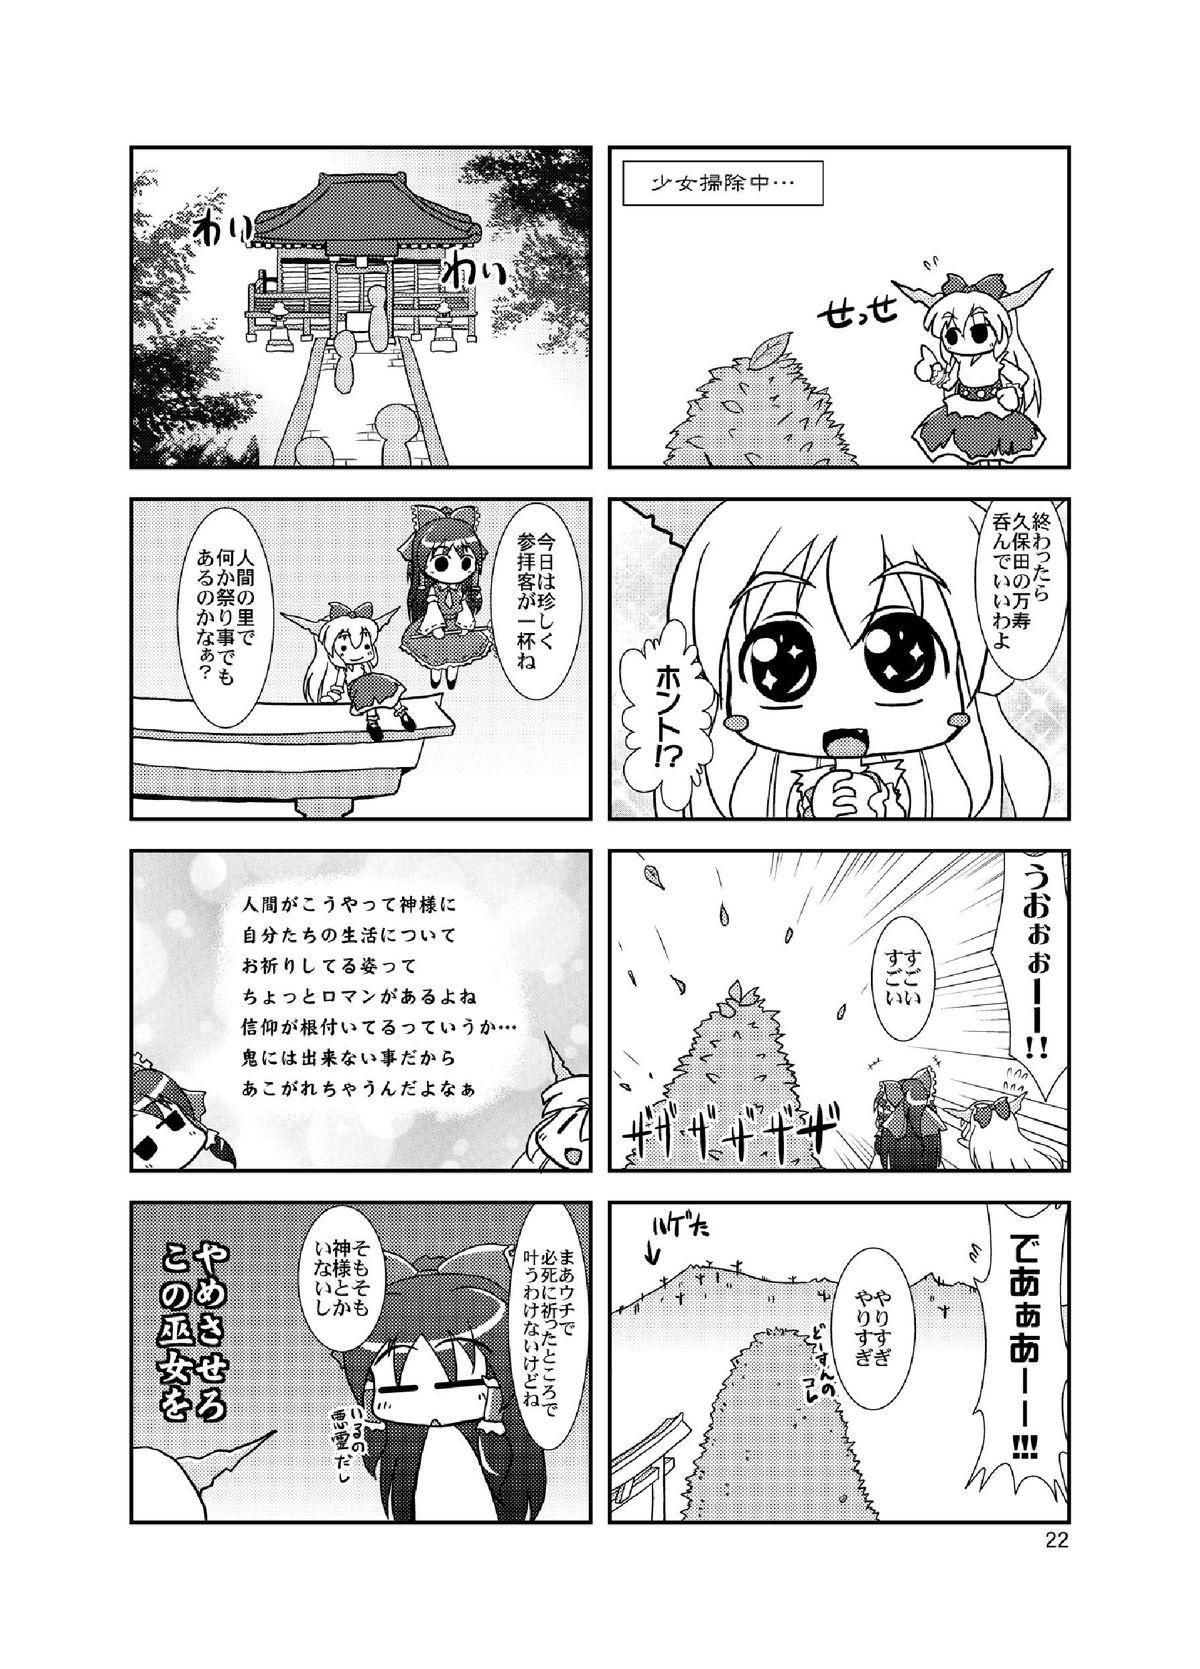 Suika no Okuchi o Meshiagare 20